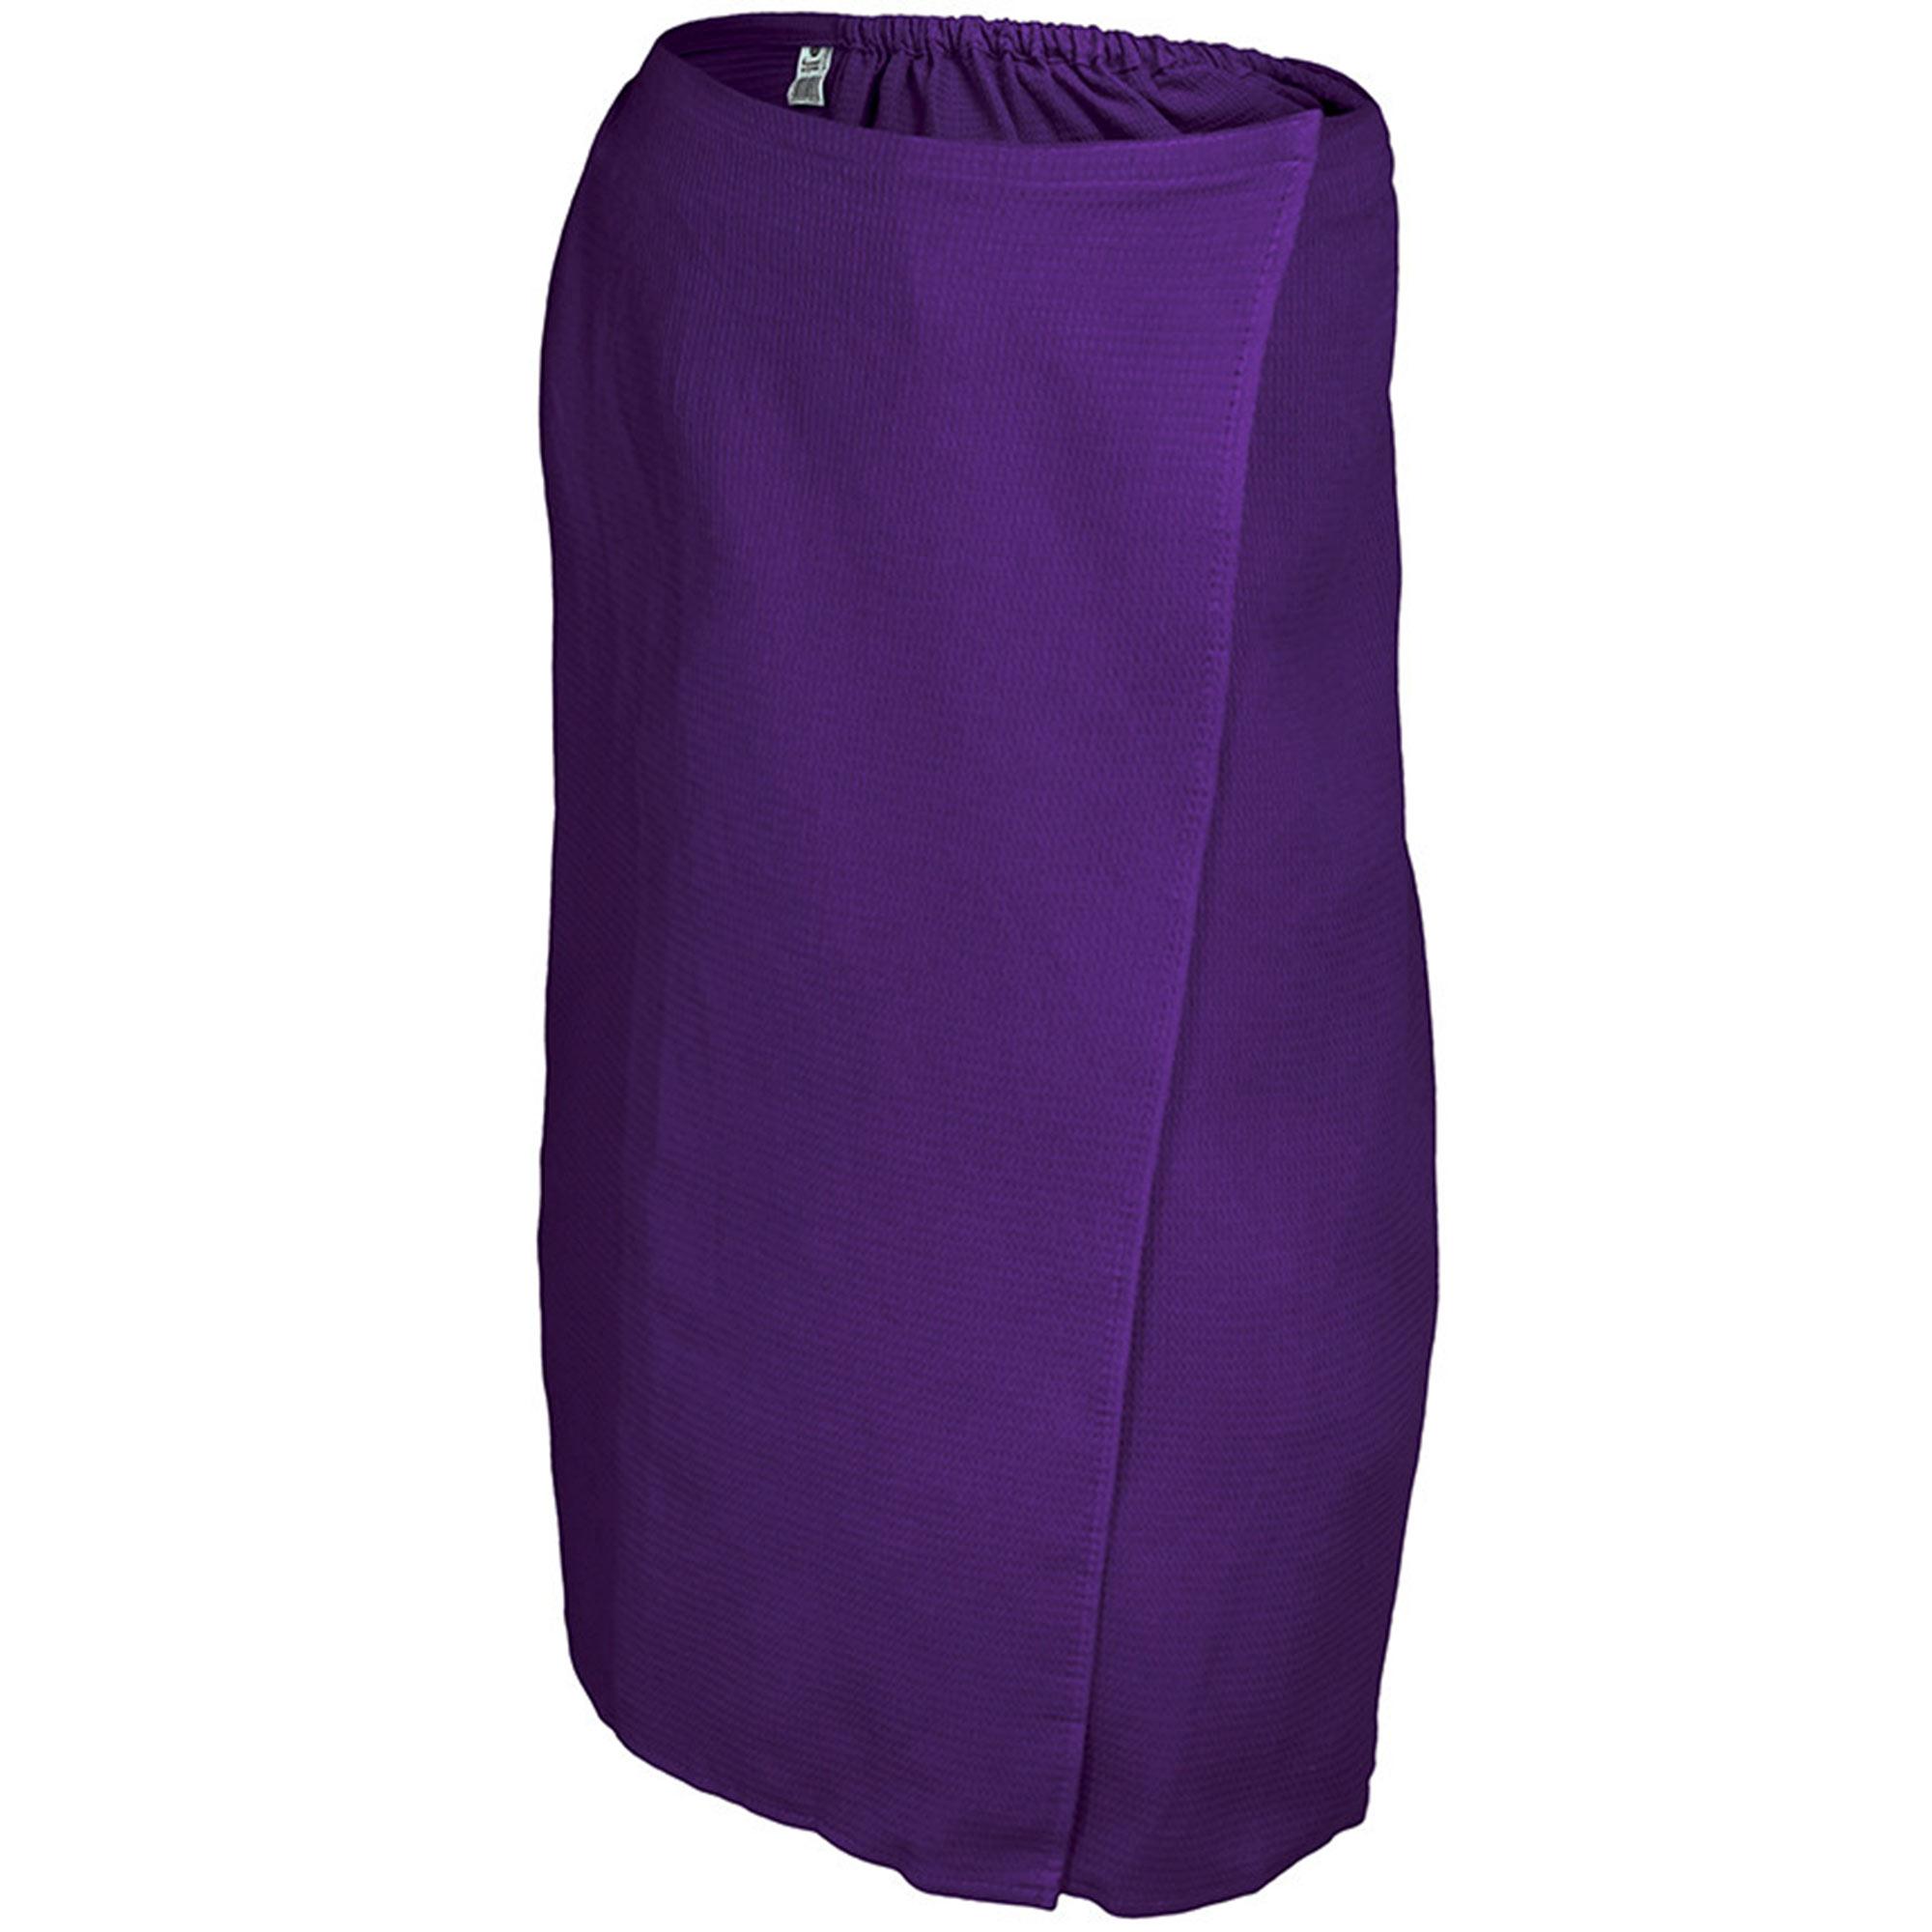 Вафельная накидка для женщин Банные штучки 145x78 см фиолетовая